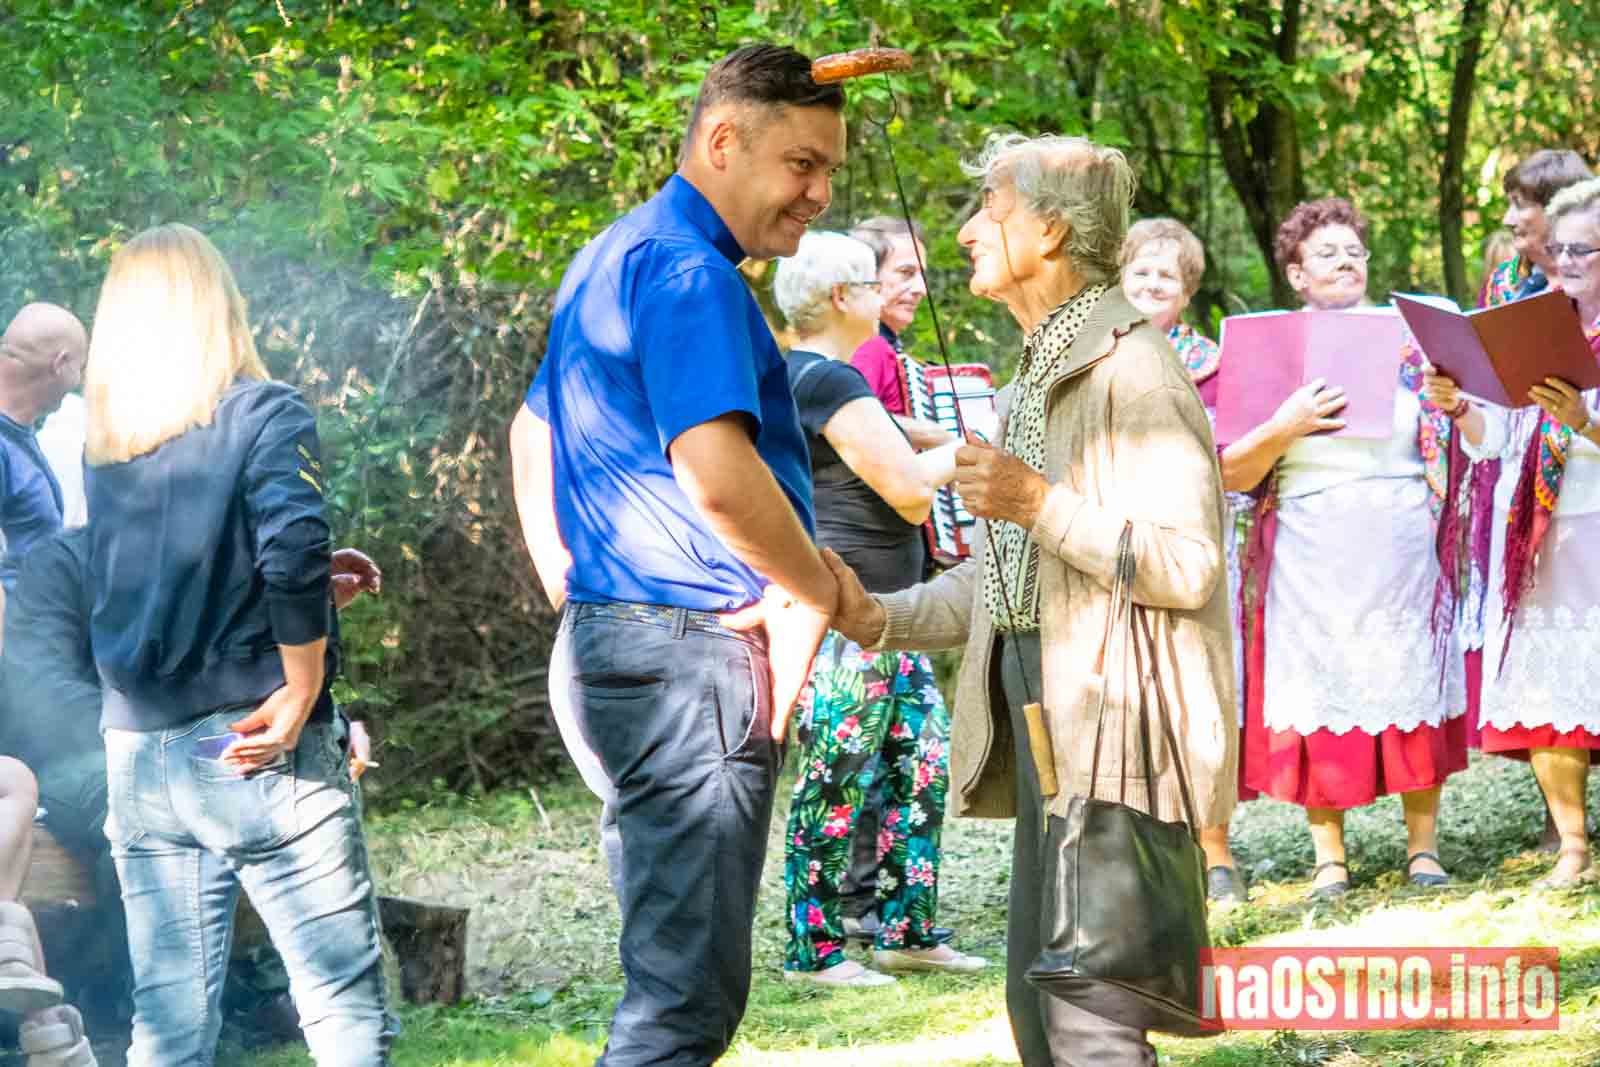 NaOSTROinfo Festyn pod kamieniem Szewna-24